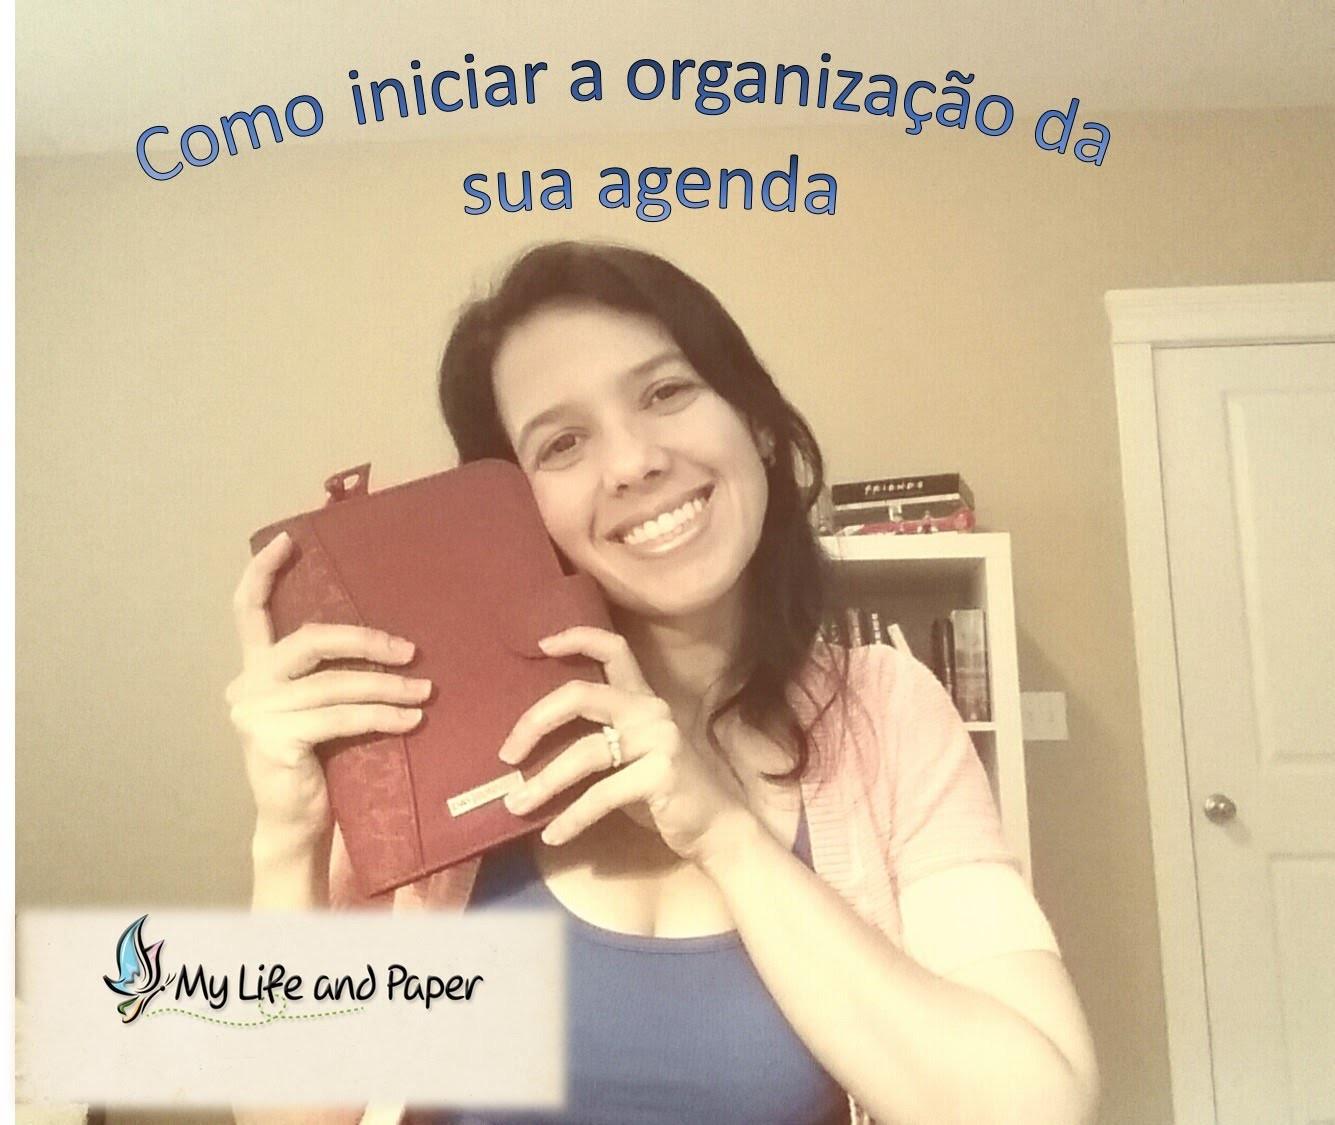 Se organizando com uma agenda.How to organize your life with a planner